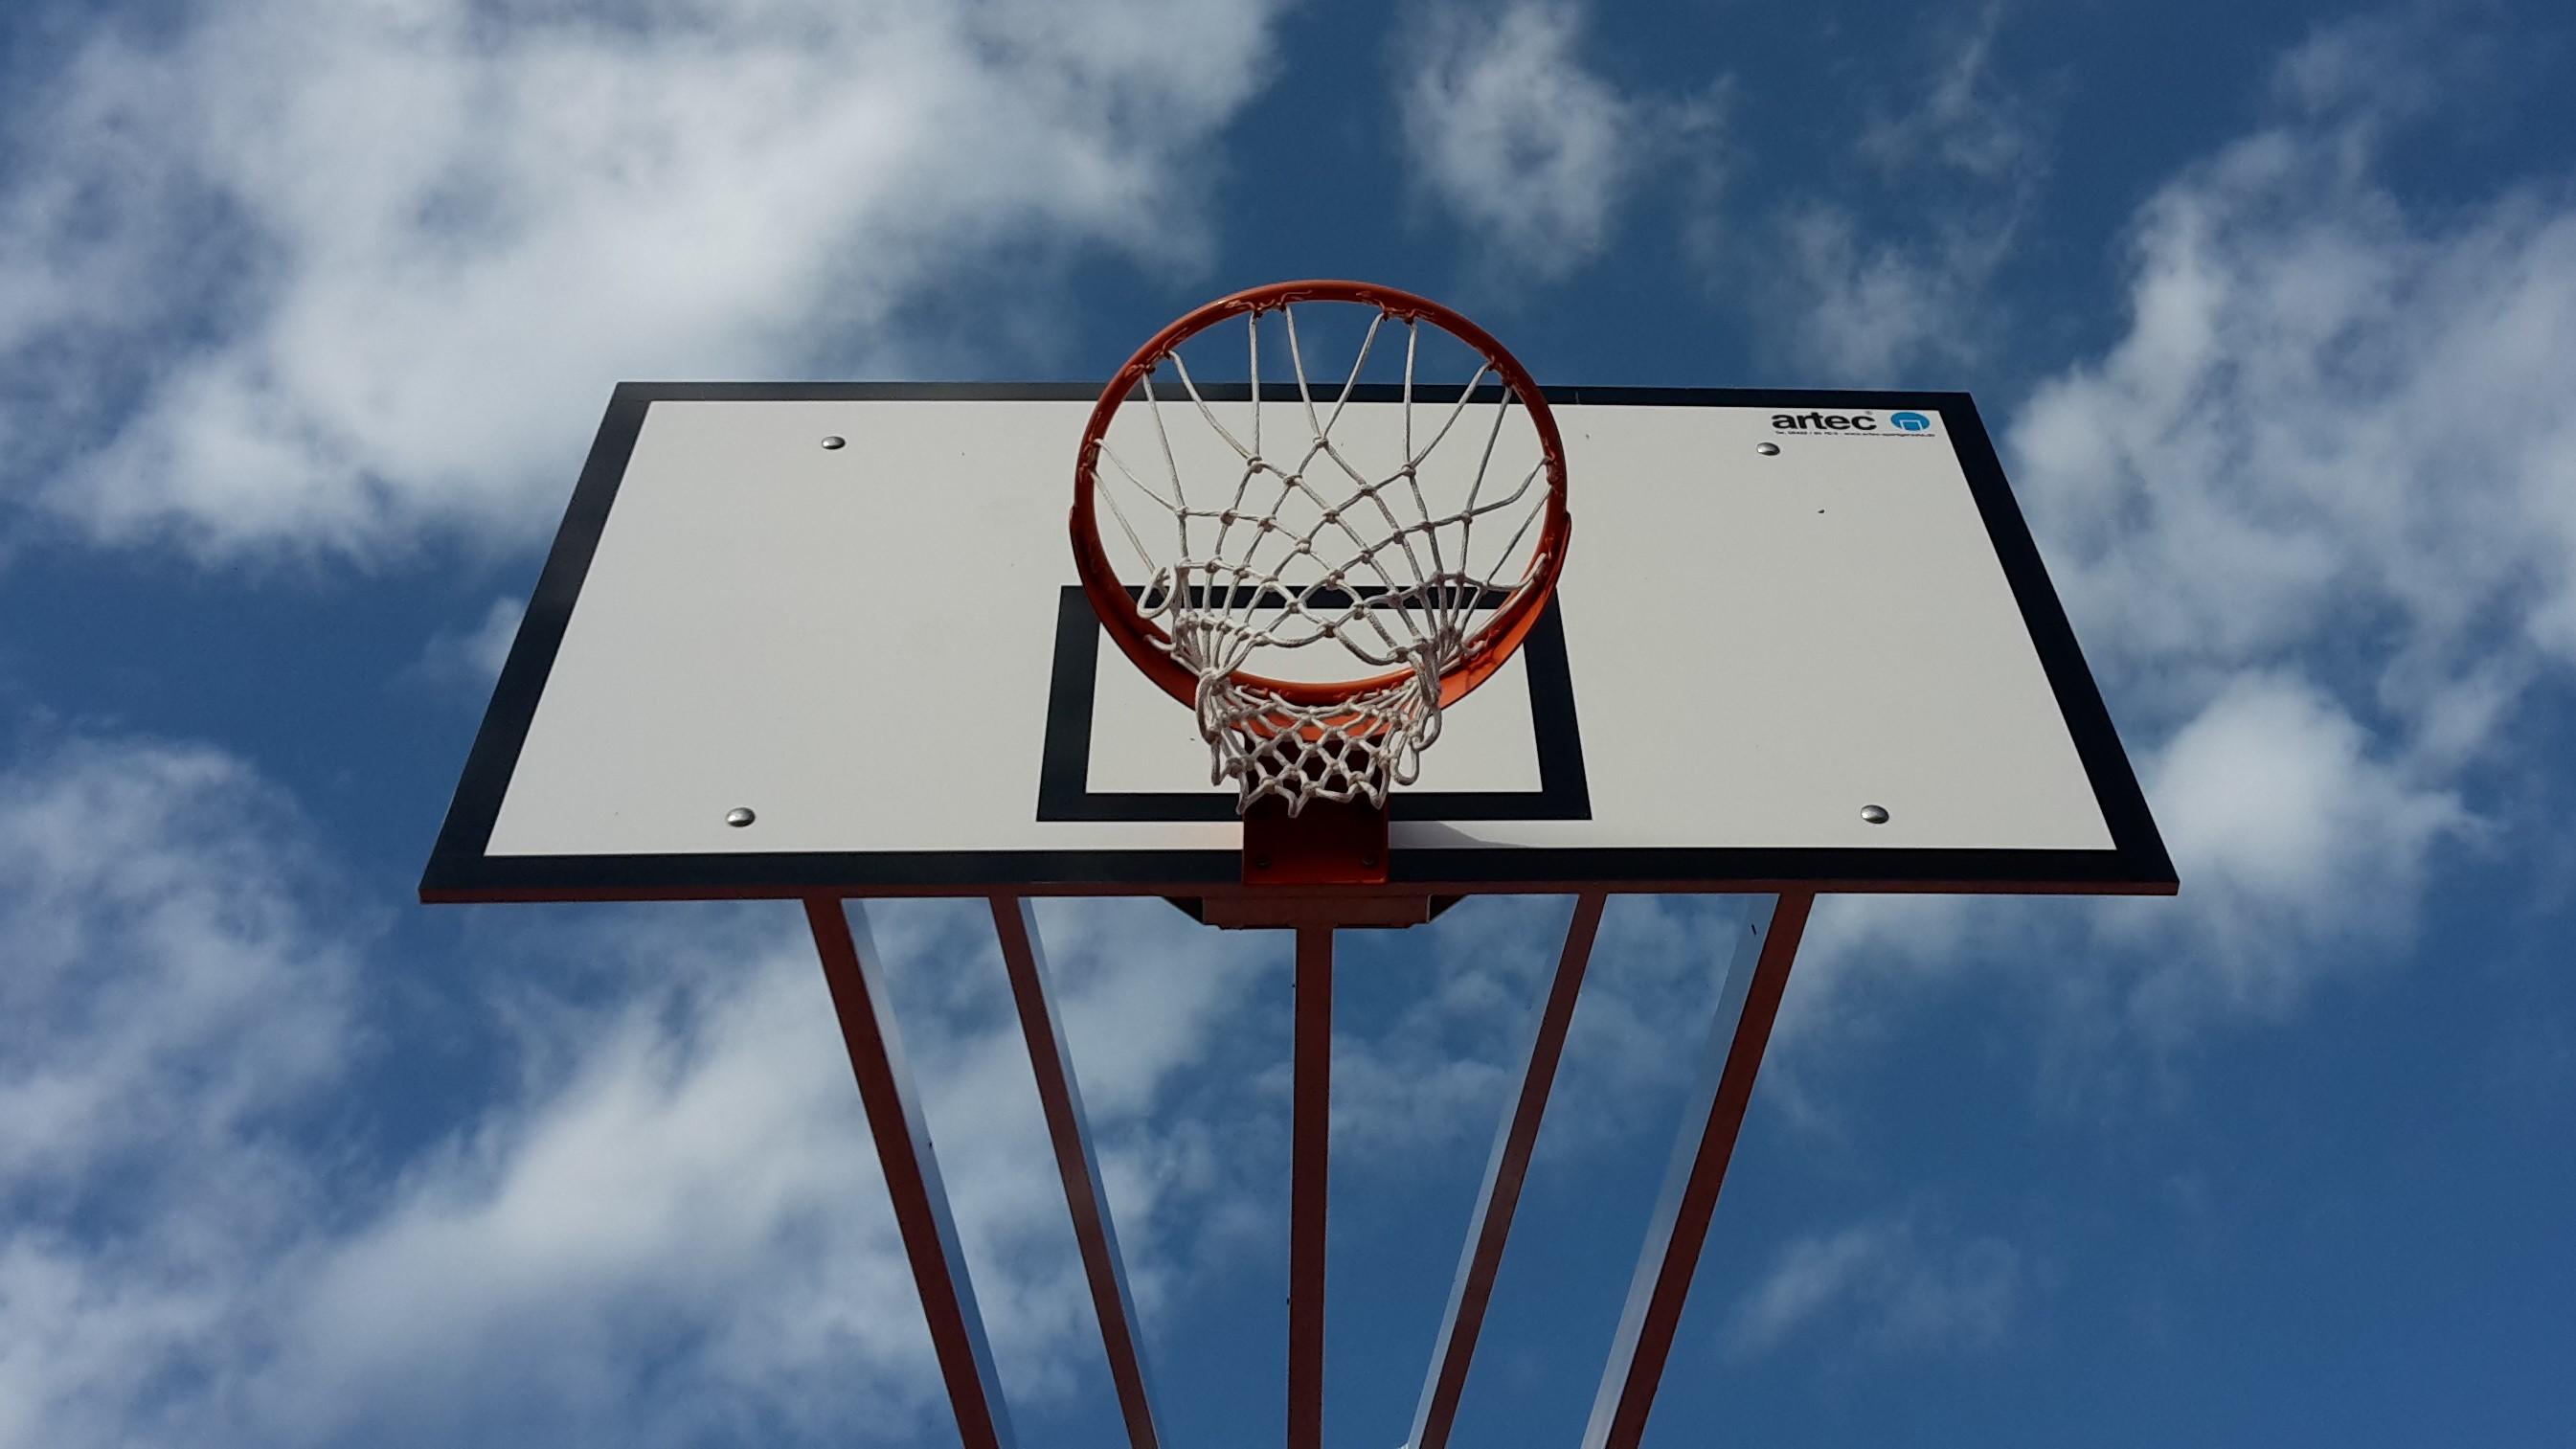 Basketball post with backboard and hoop